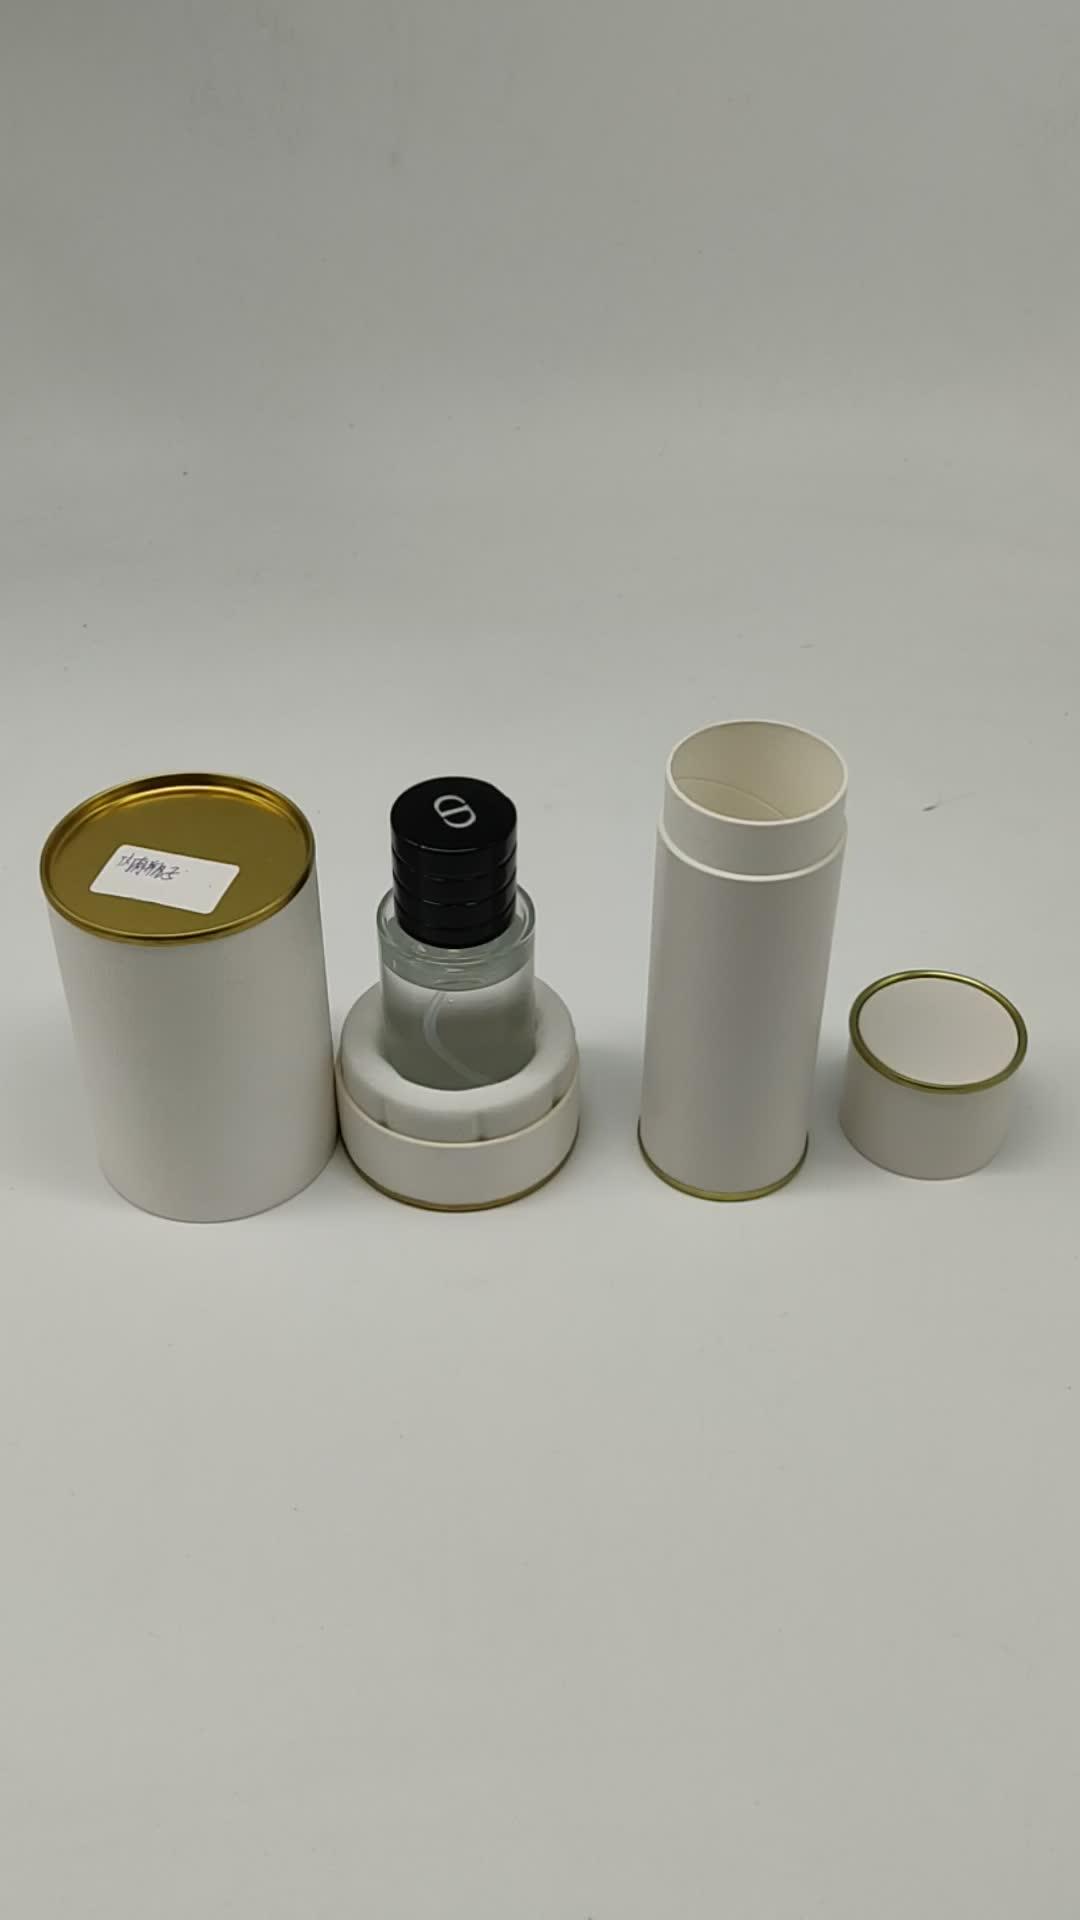 Superficie nera Soft Touch Cilindro Imballaggio del Profumo Rotondo Kraft Scatola di Carta Con Coperchio In Metallo